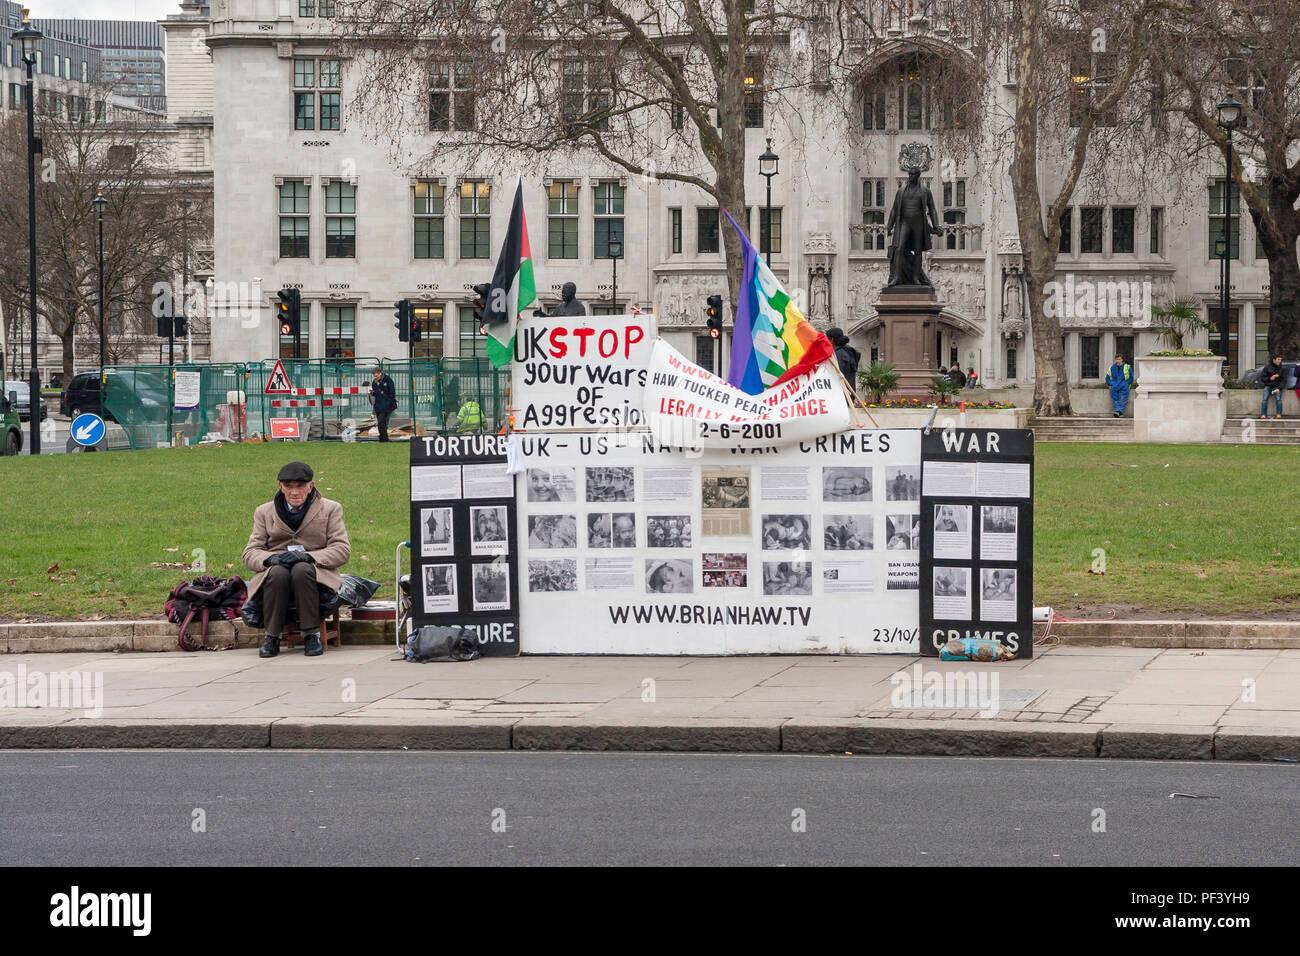 Los restos de la protesta de Brian Haw paz en Parliament Square, Londres. Imagen De Stock